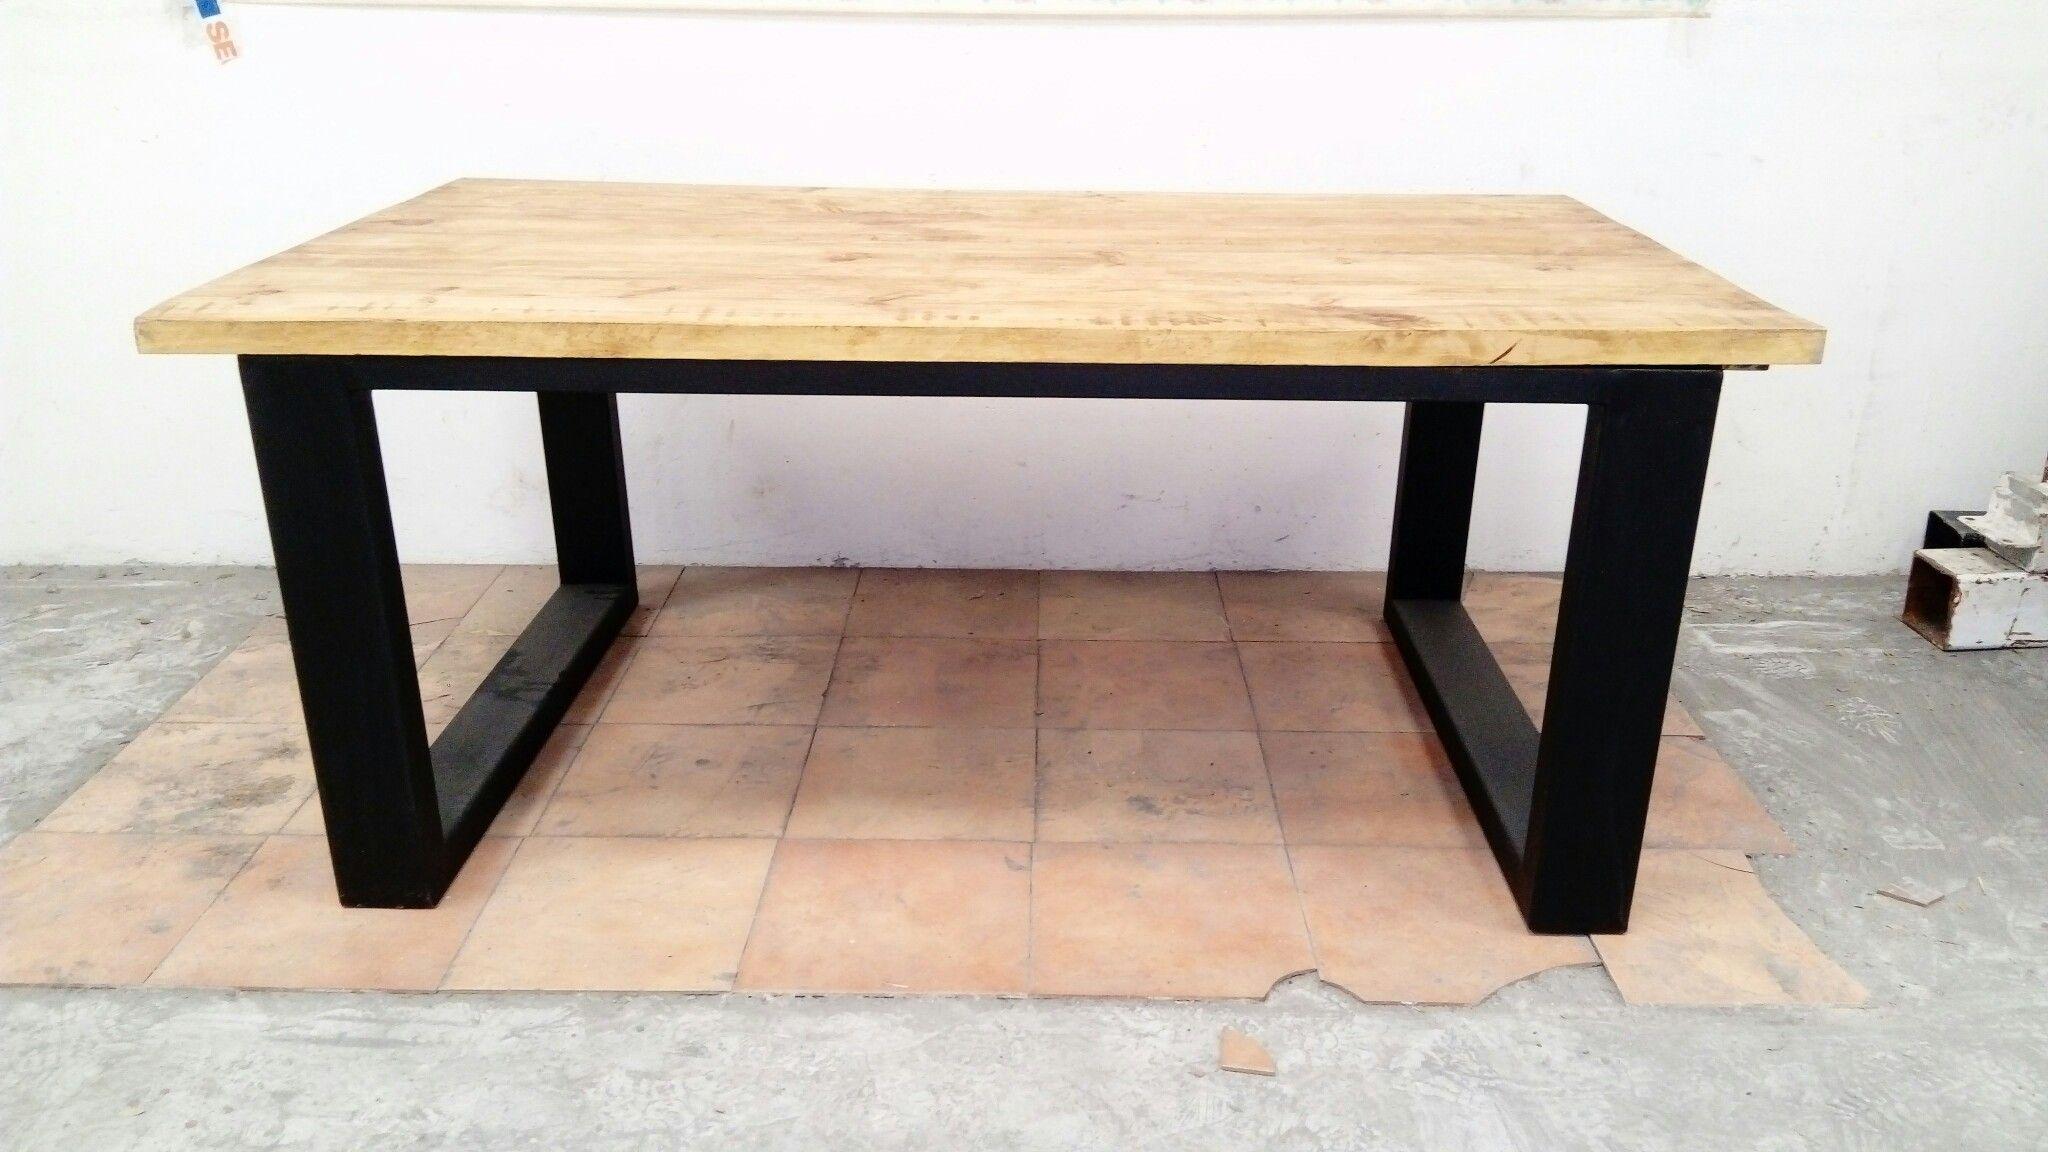 Mesa de 2x1 metros de comedor, pino de 4cm y patas de hierro de 12x6 ...